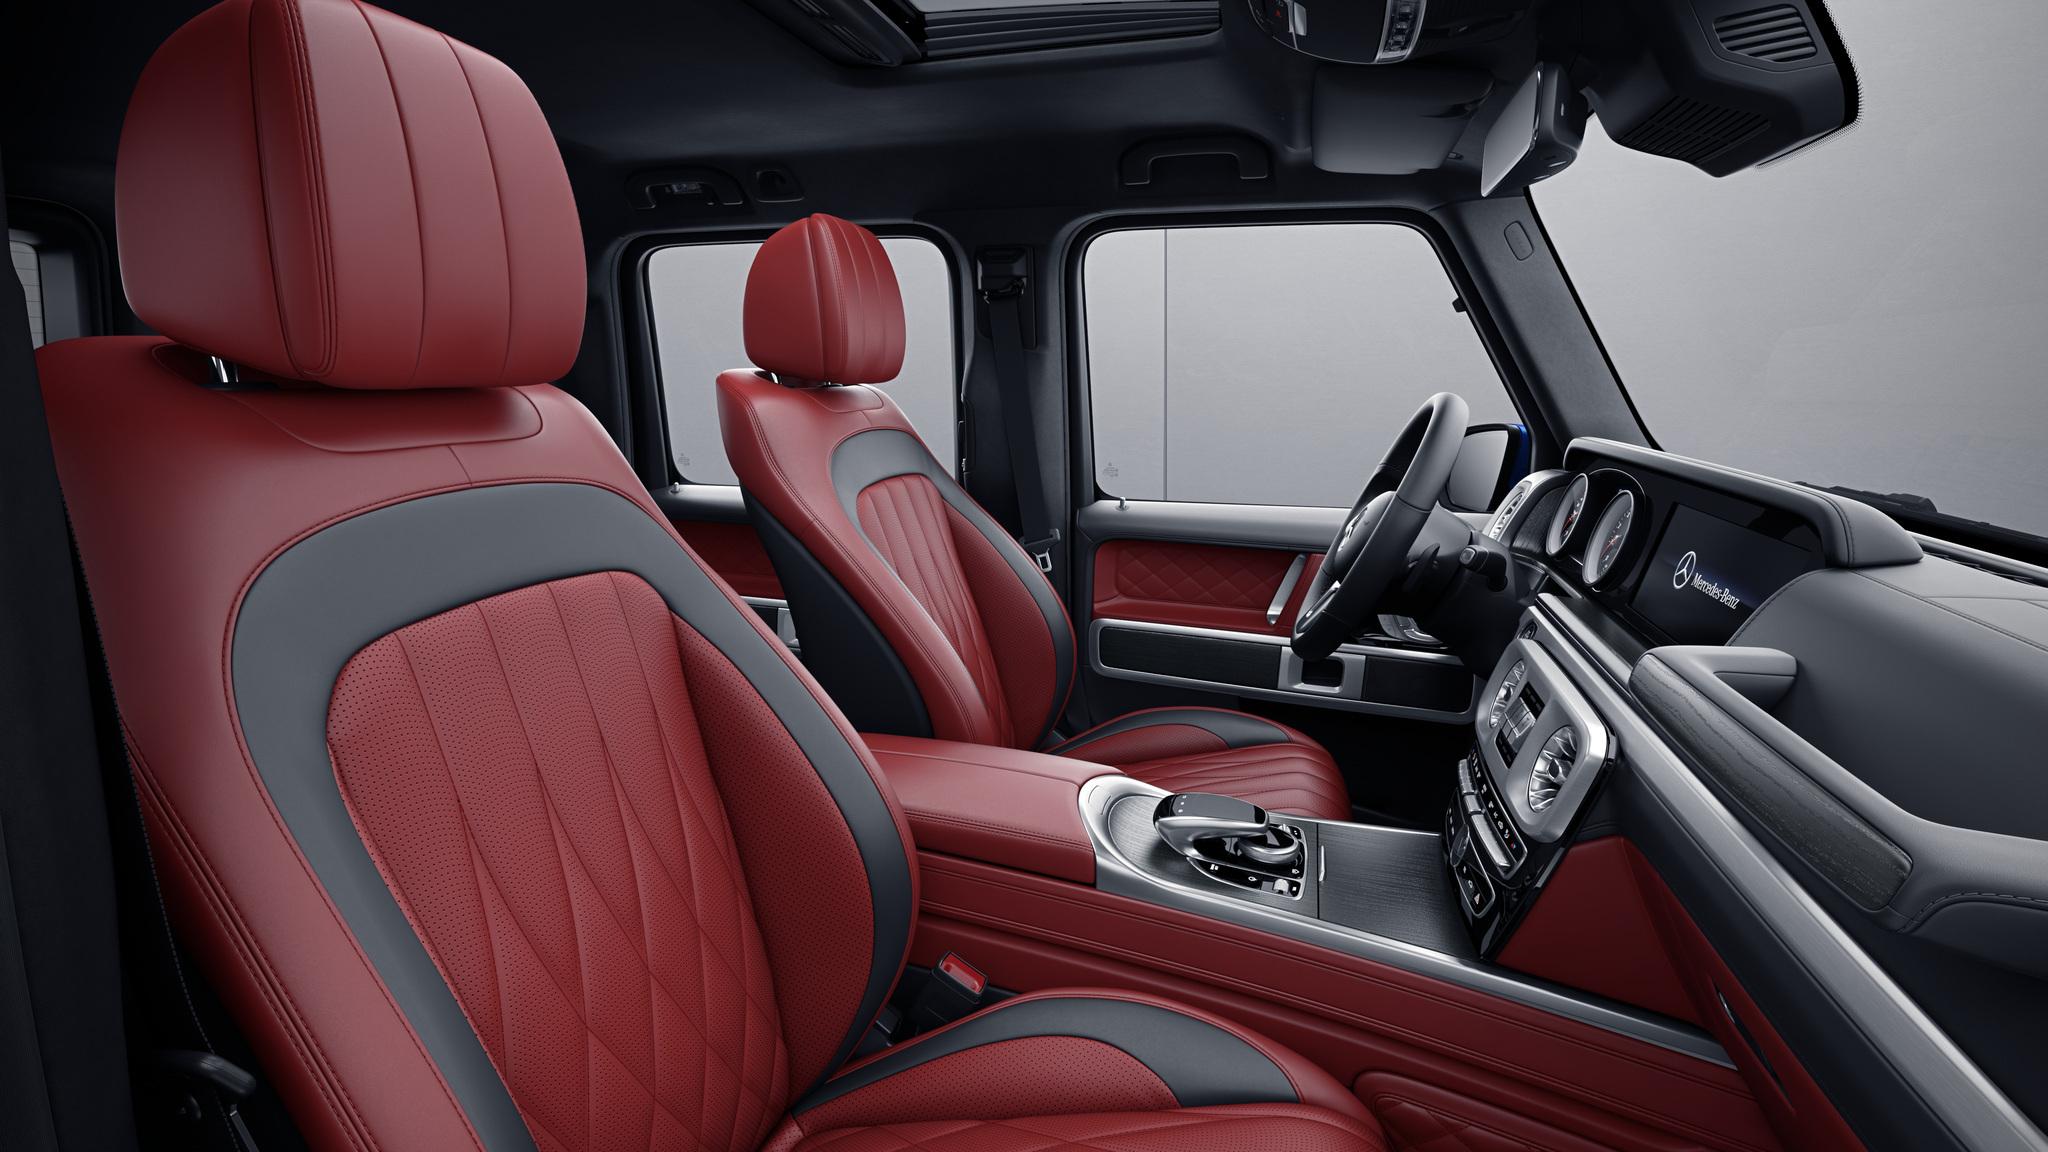 Habitacle de la Mercedes Classe G avec une Sellerie cuir nappa bicolore - rouge classique noir